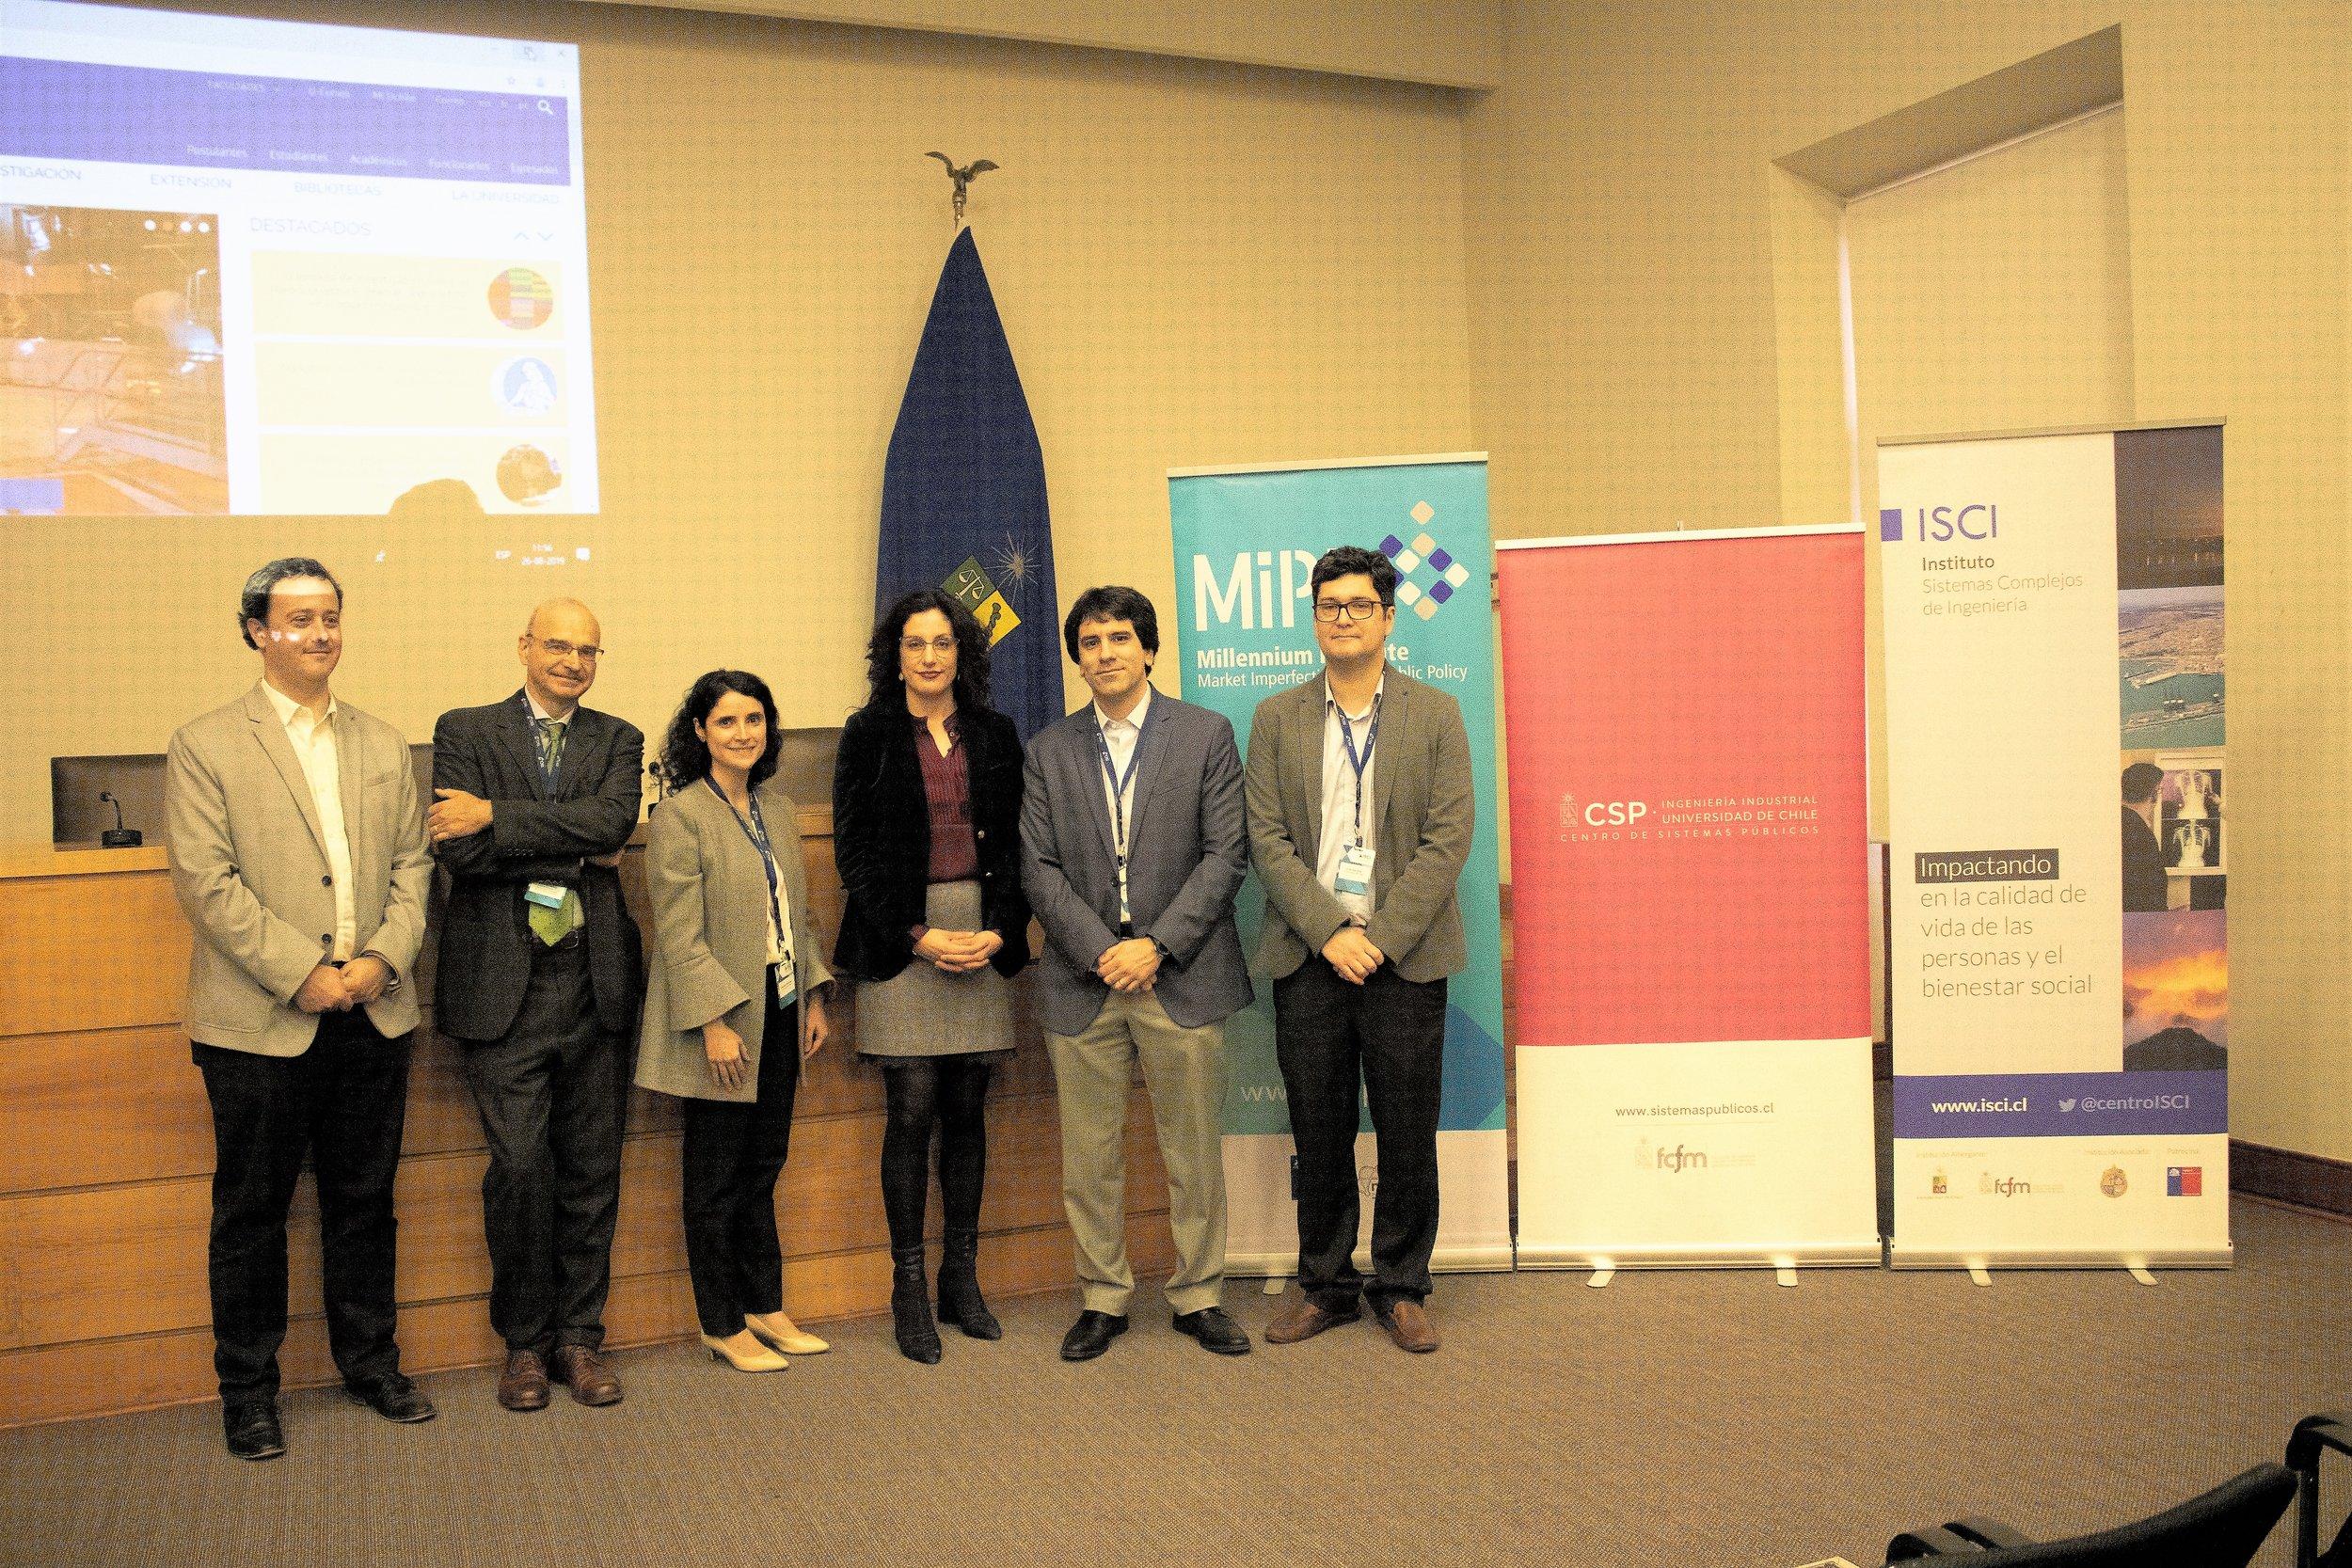 seminario-Massimo-Motta-1.jpg